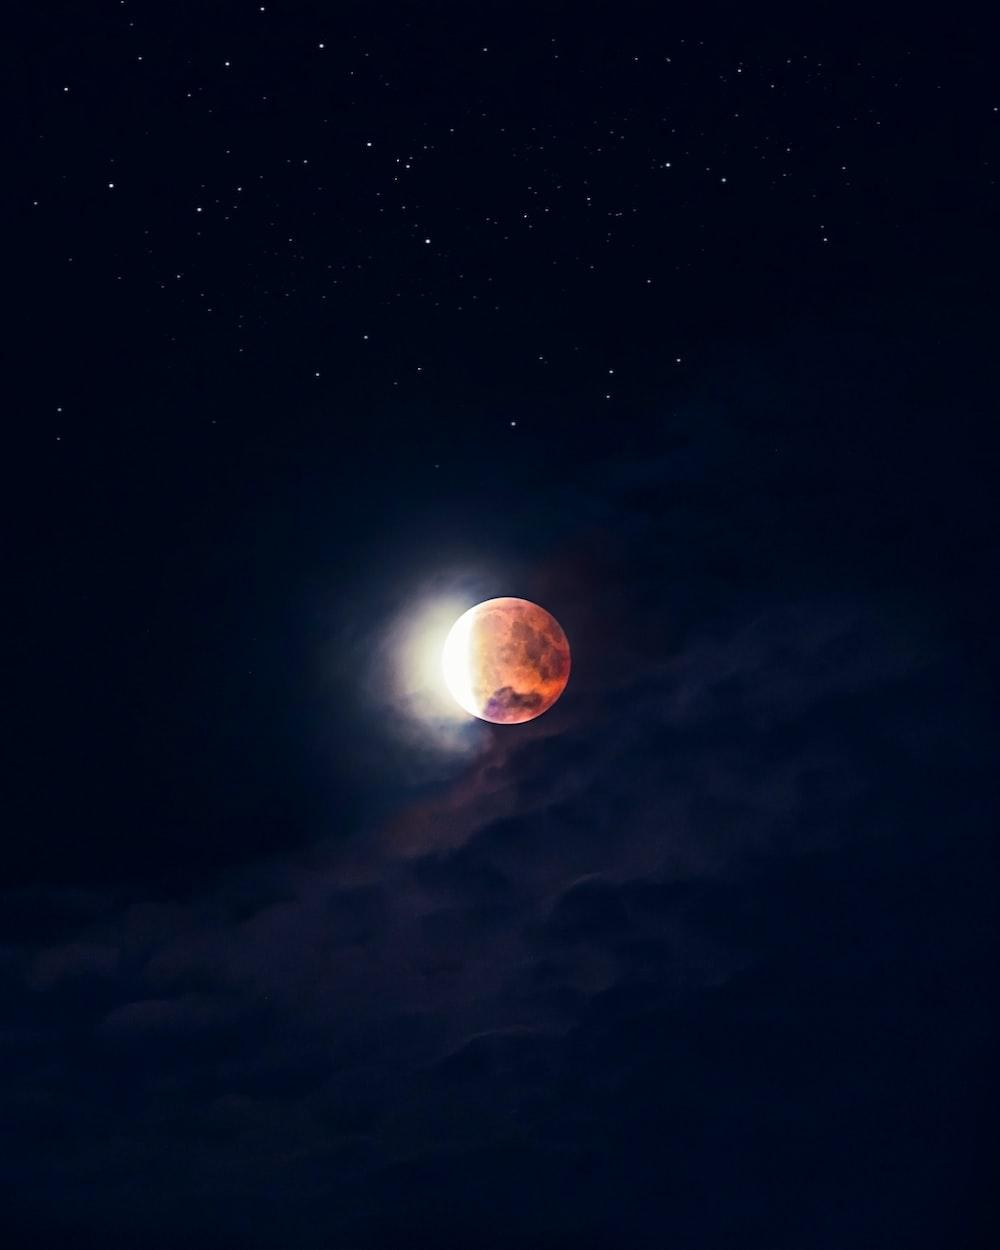 lunar eclipse digital wallpaper